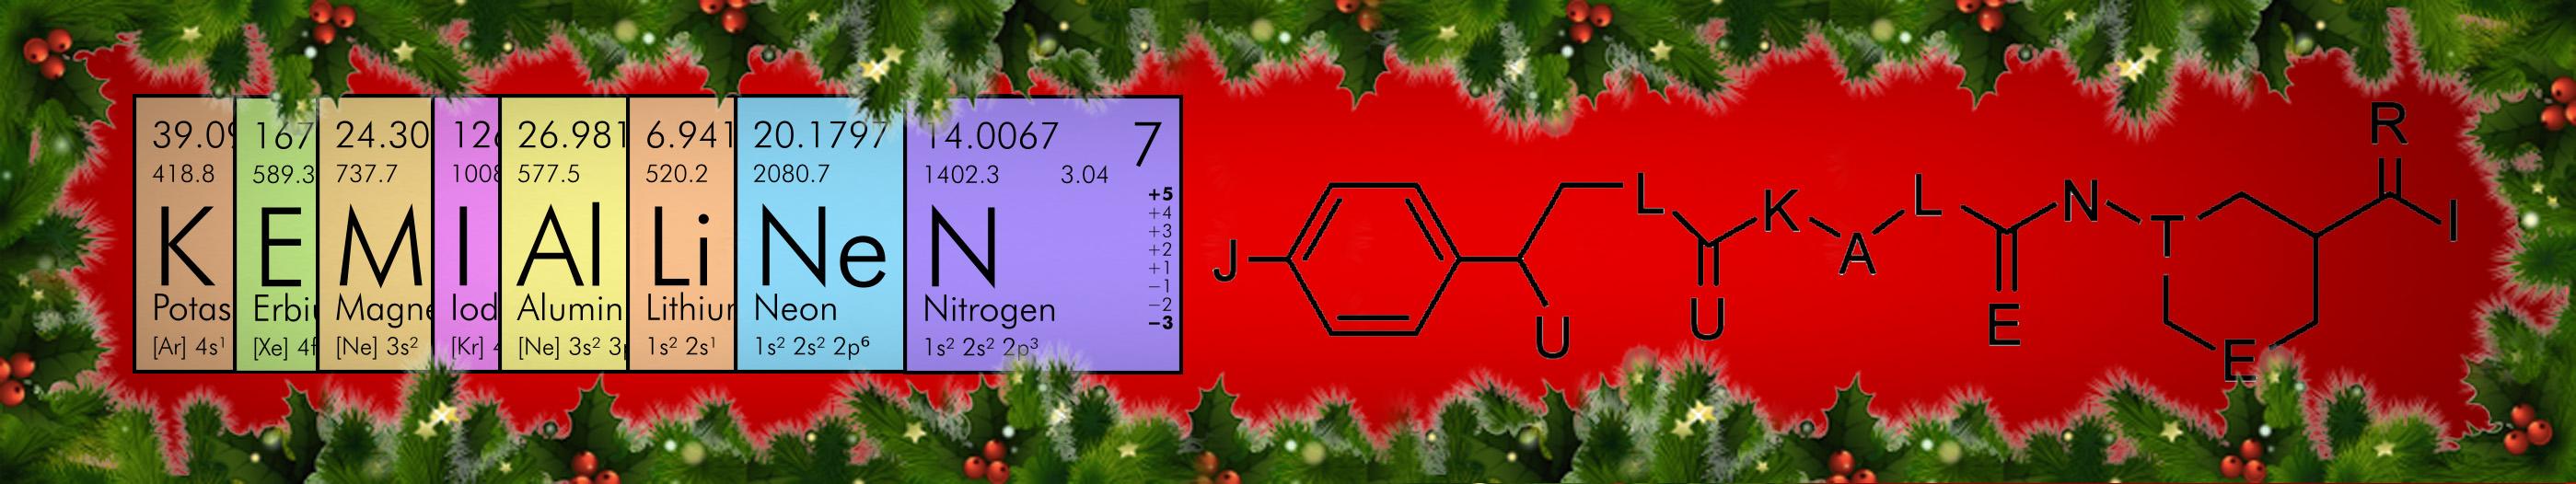 Kemiallinen joulukalenteri